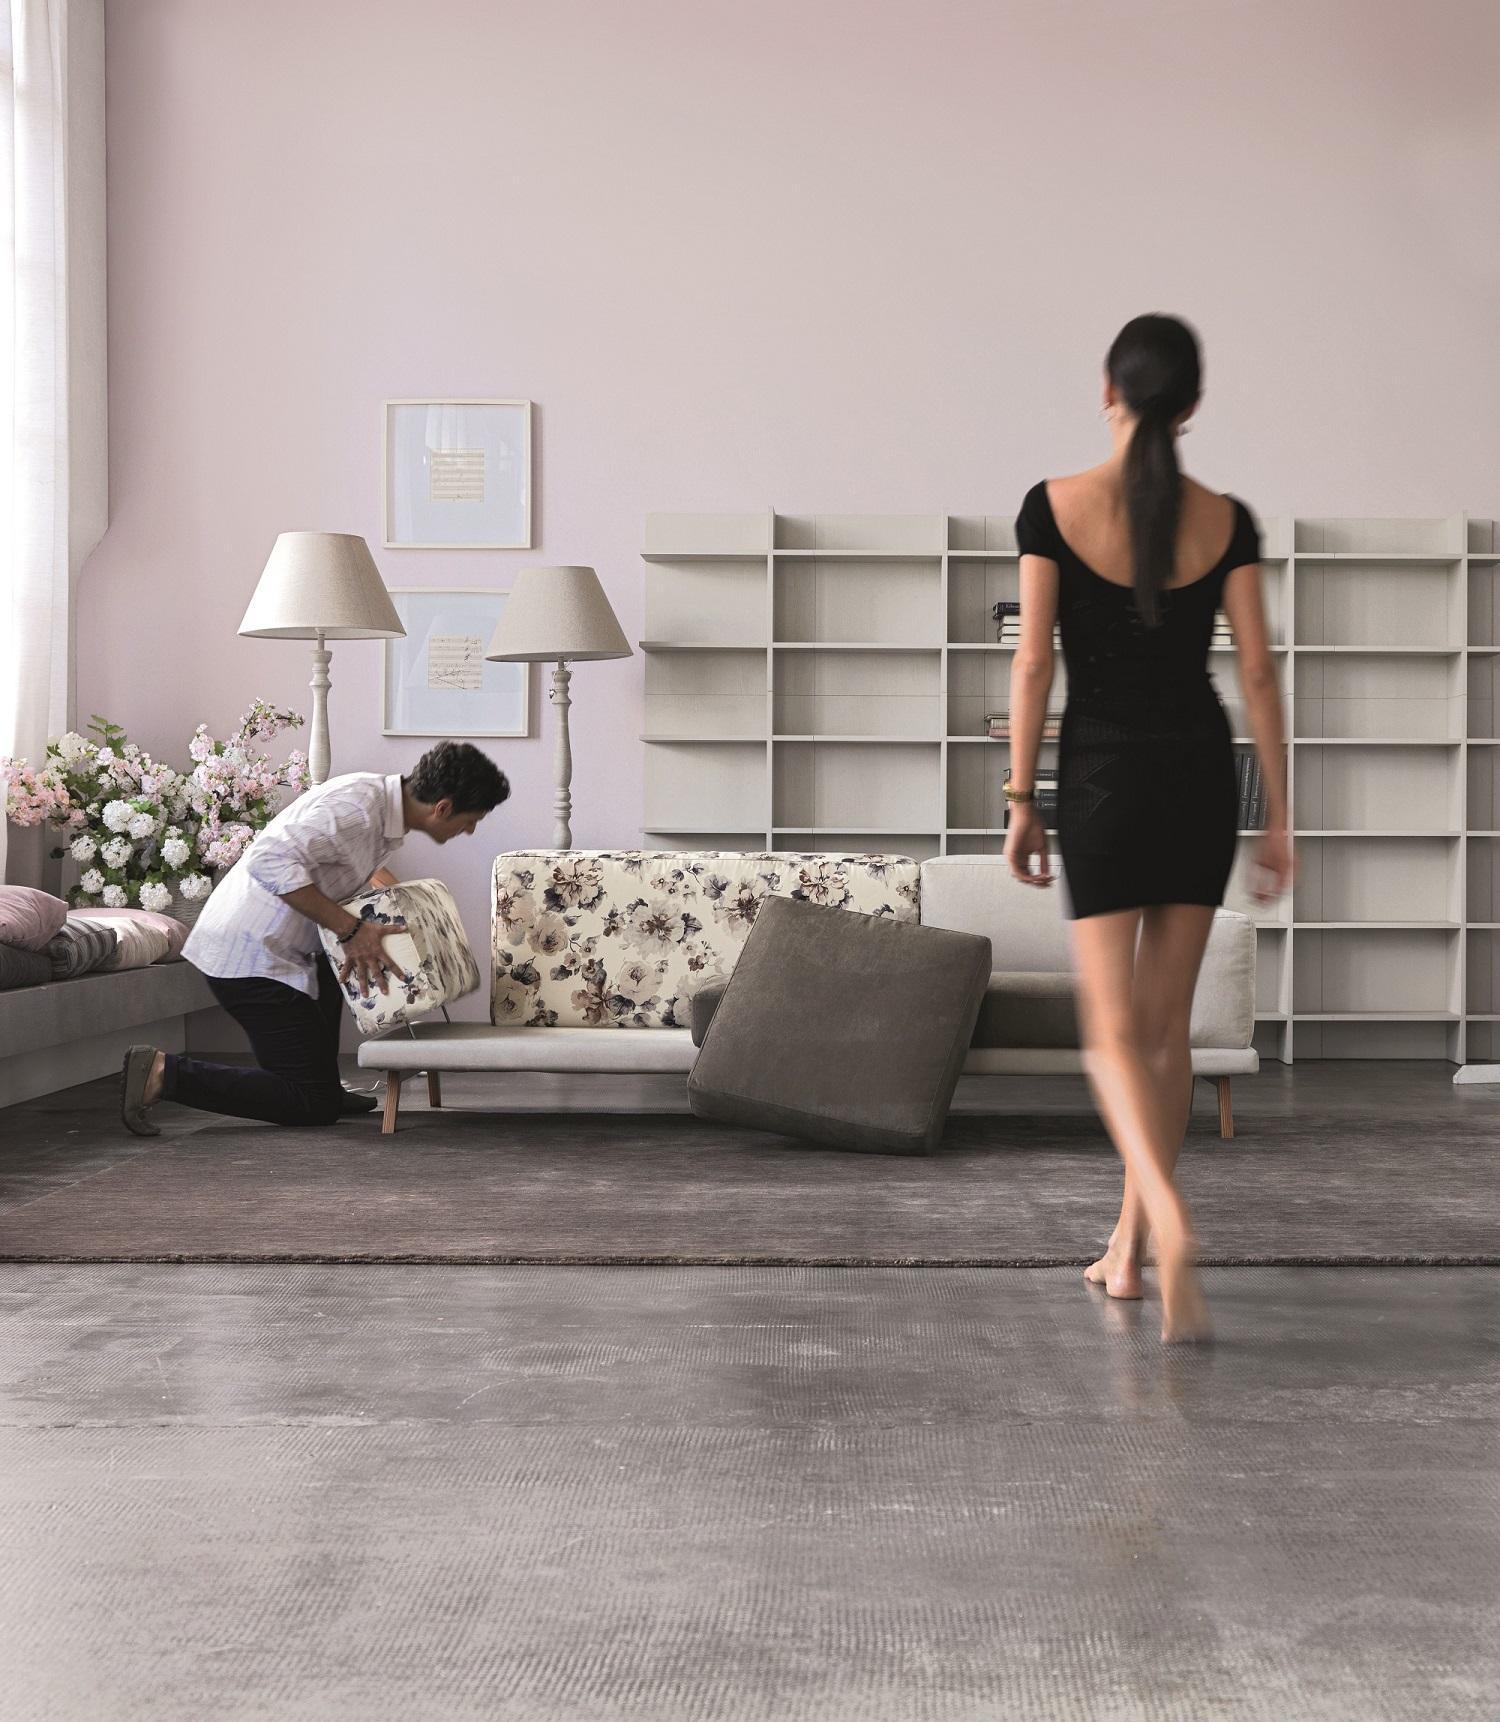 divano di design a prezzi contenuti lo produce Doimo